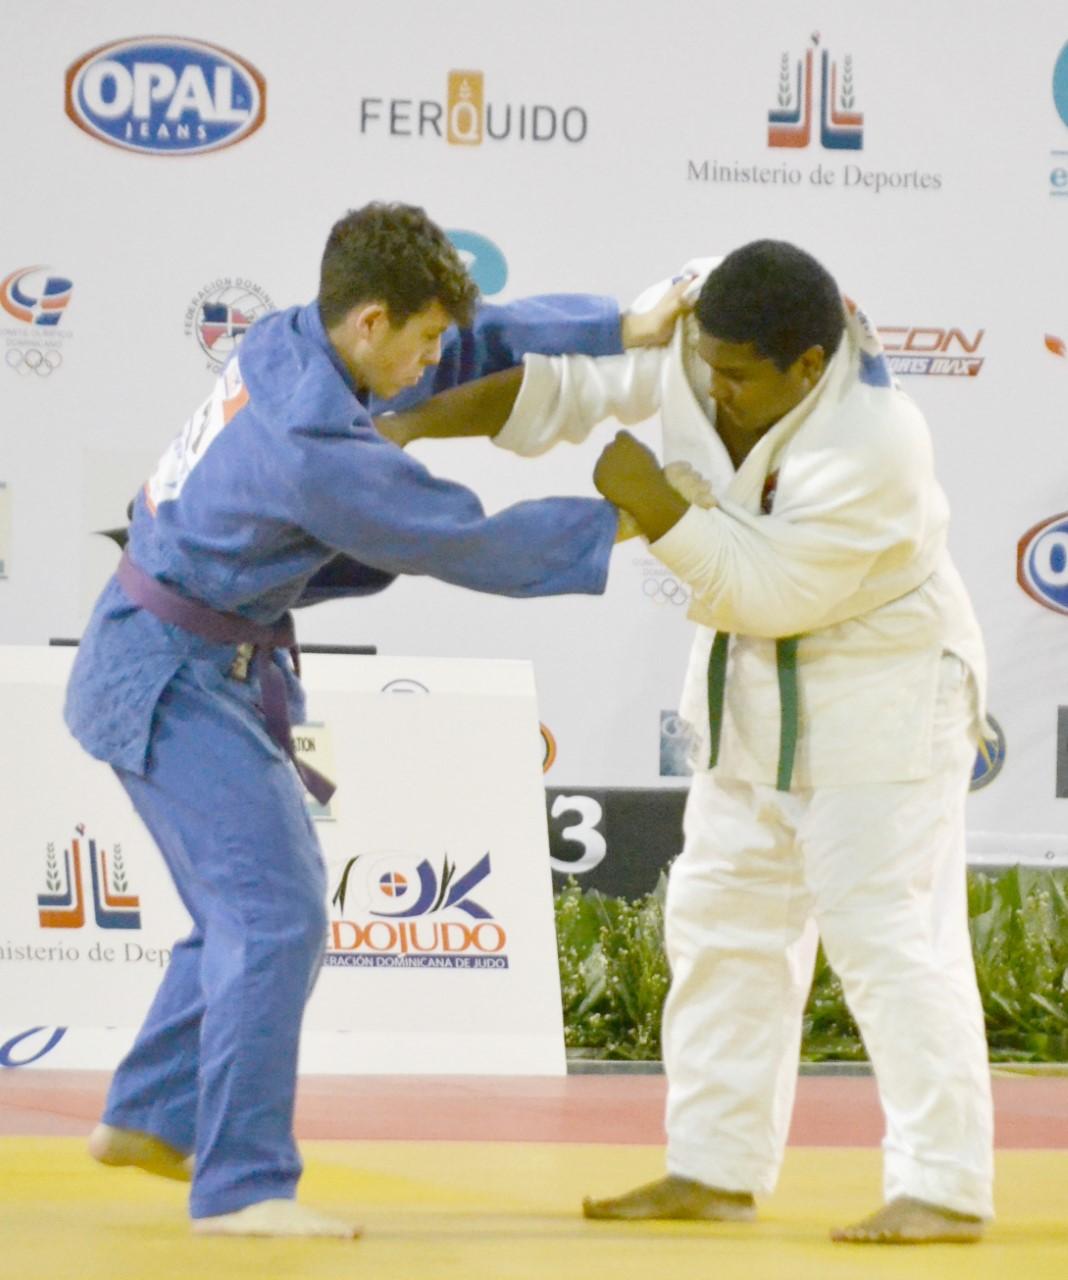 Infantiles judo Marte y Simón van a Panamericano Perú